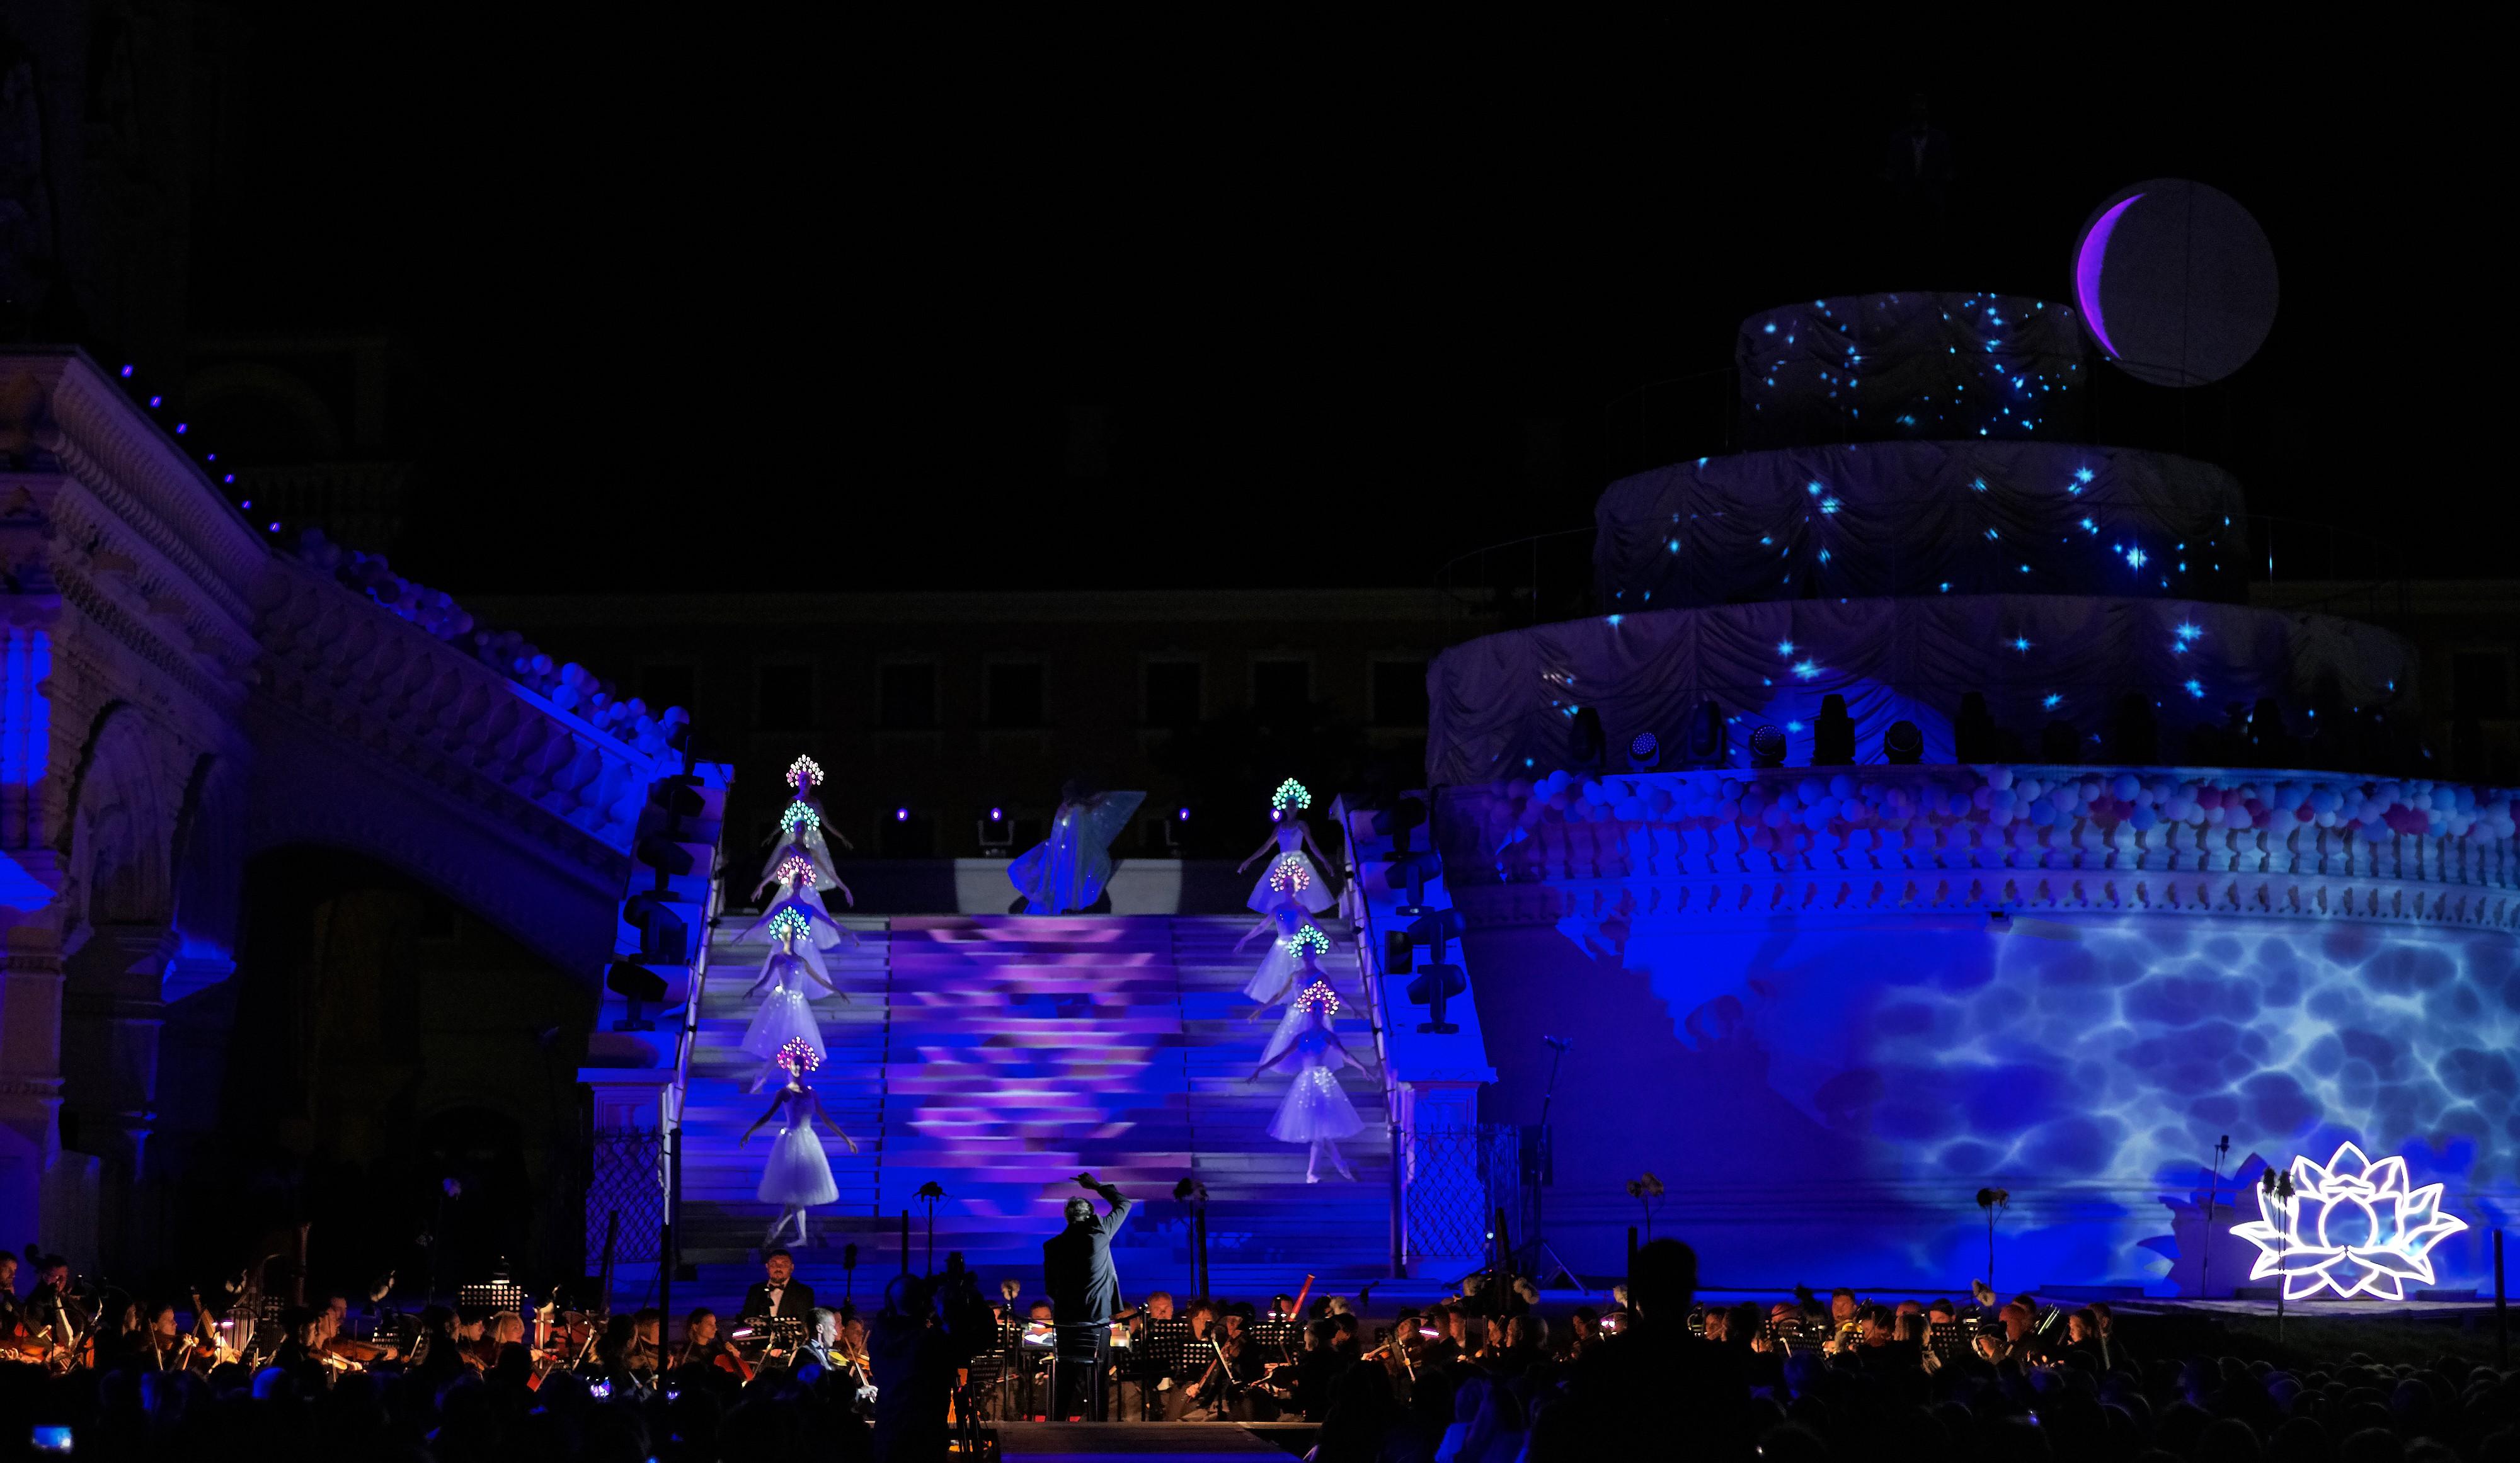 Второй день премьеры оперы М. Глинки «Руслан и Людмила» в исторических декорациях Астраханского Кремля